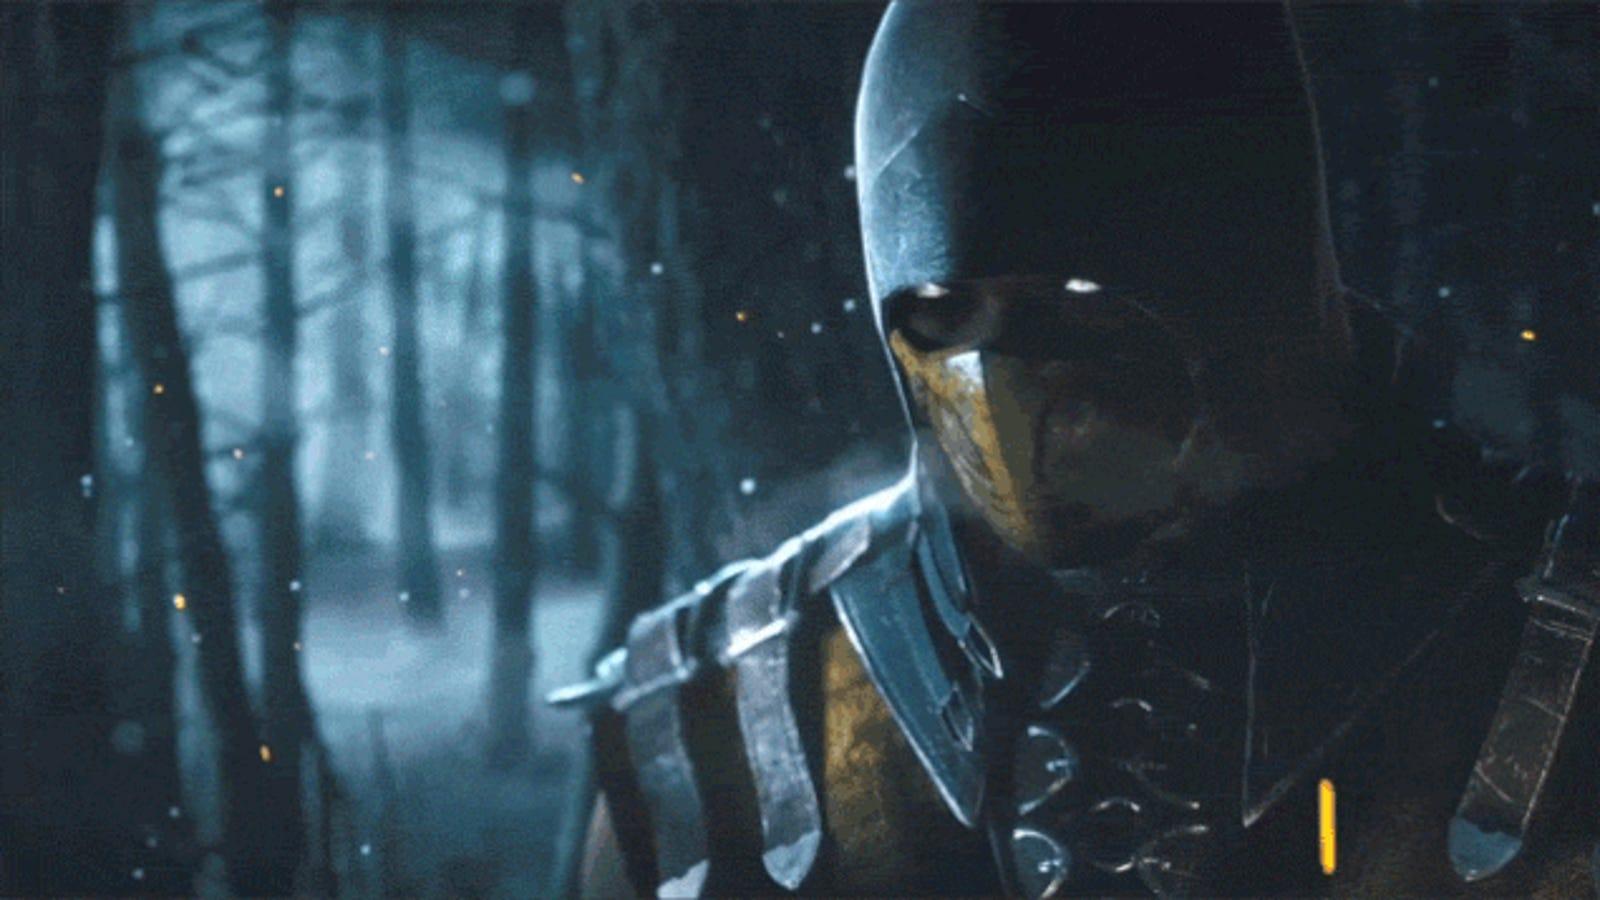 Este es el primer tráiler del próximo videojuego de Mortal Kombat